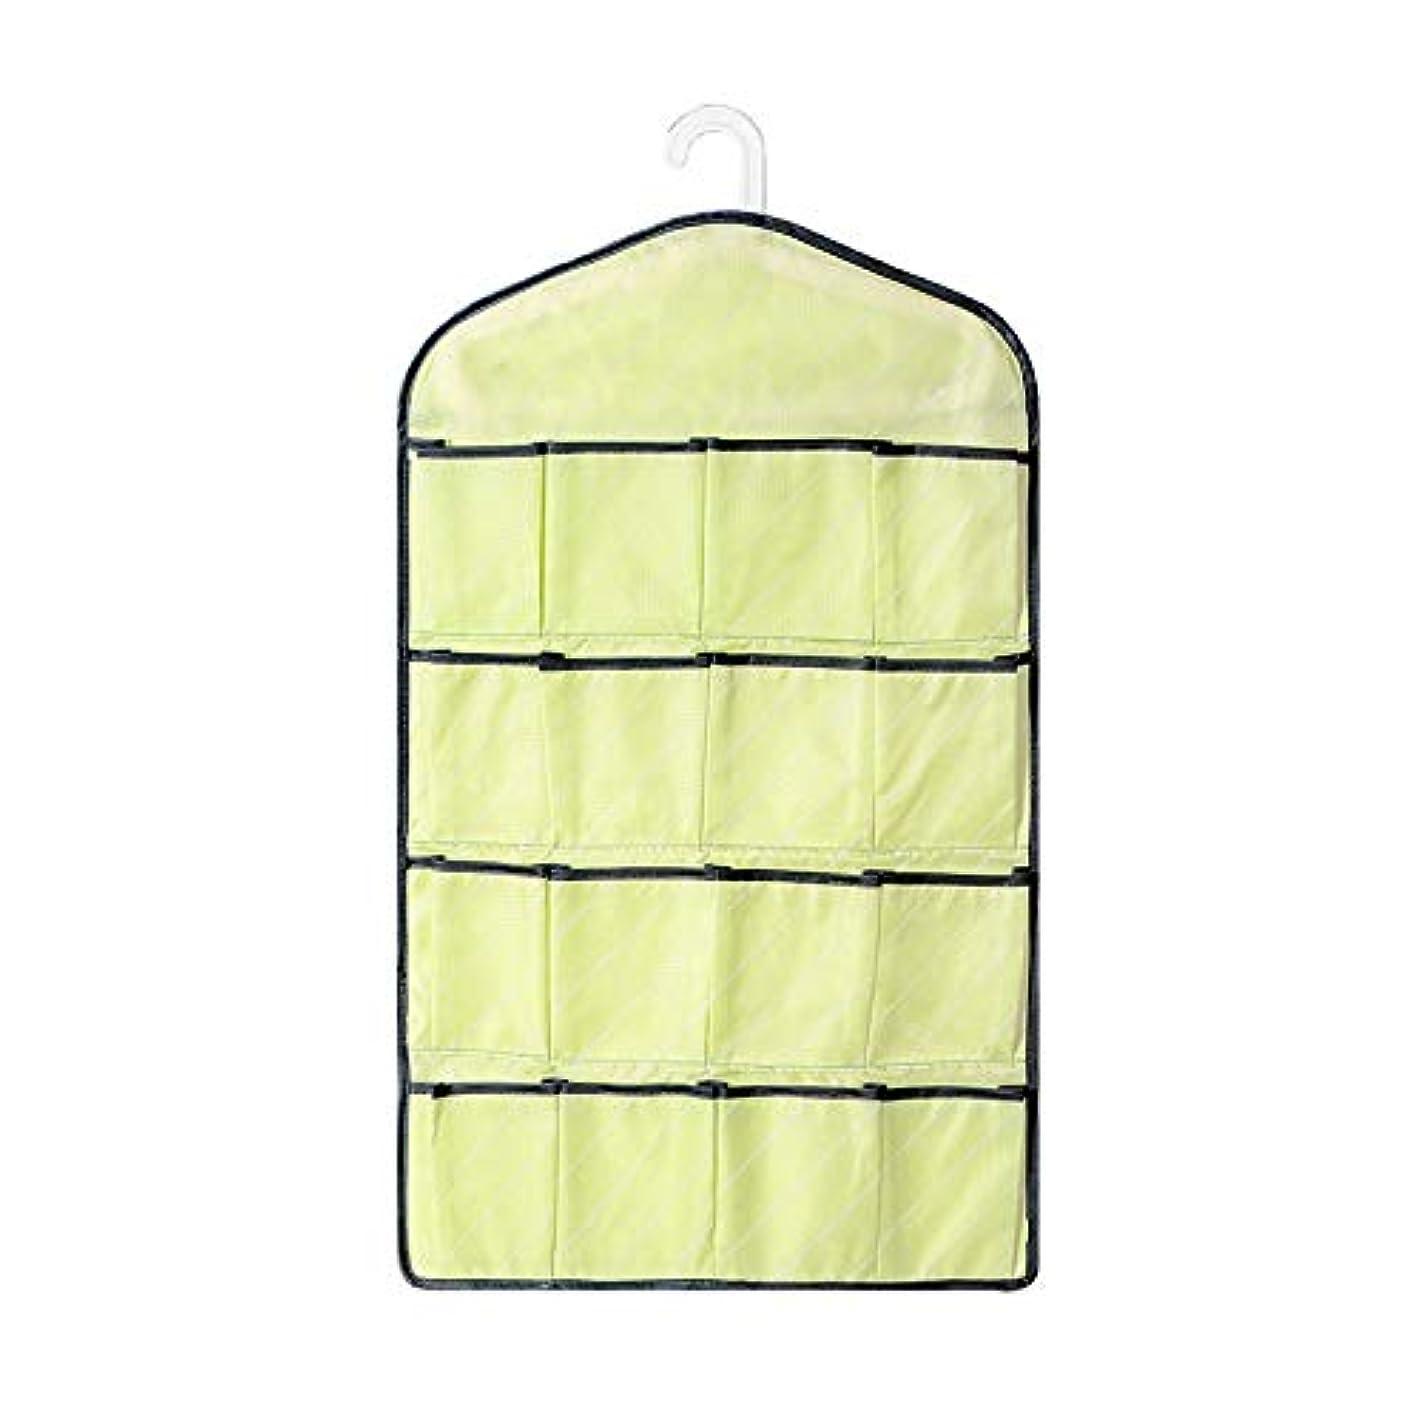 よろしく遮るワイド2パック収納オーガナイザー、16ポケットぶら下げクローゼットワードローブ収納ブラジャー下着ソックスネクタイオーガナイザー,Pink